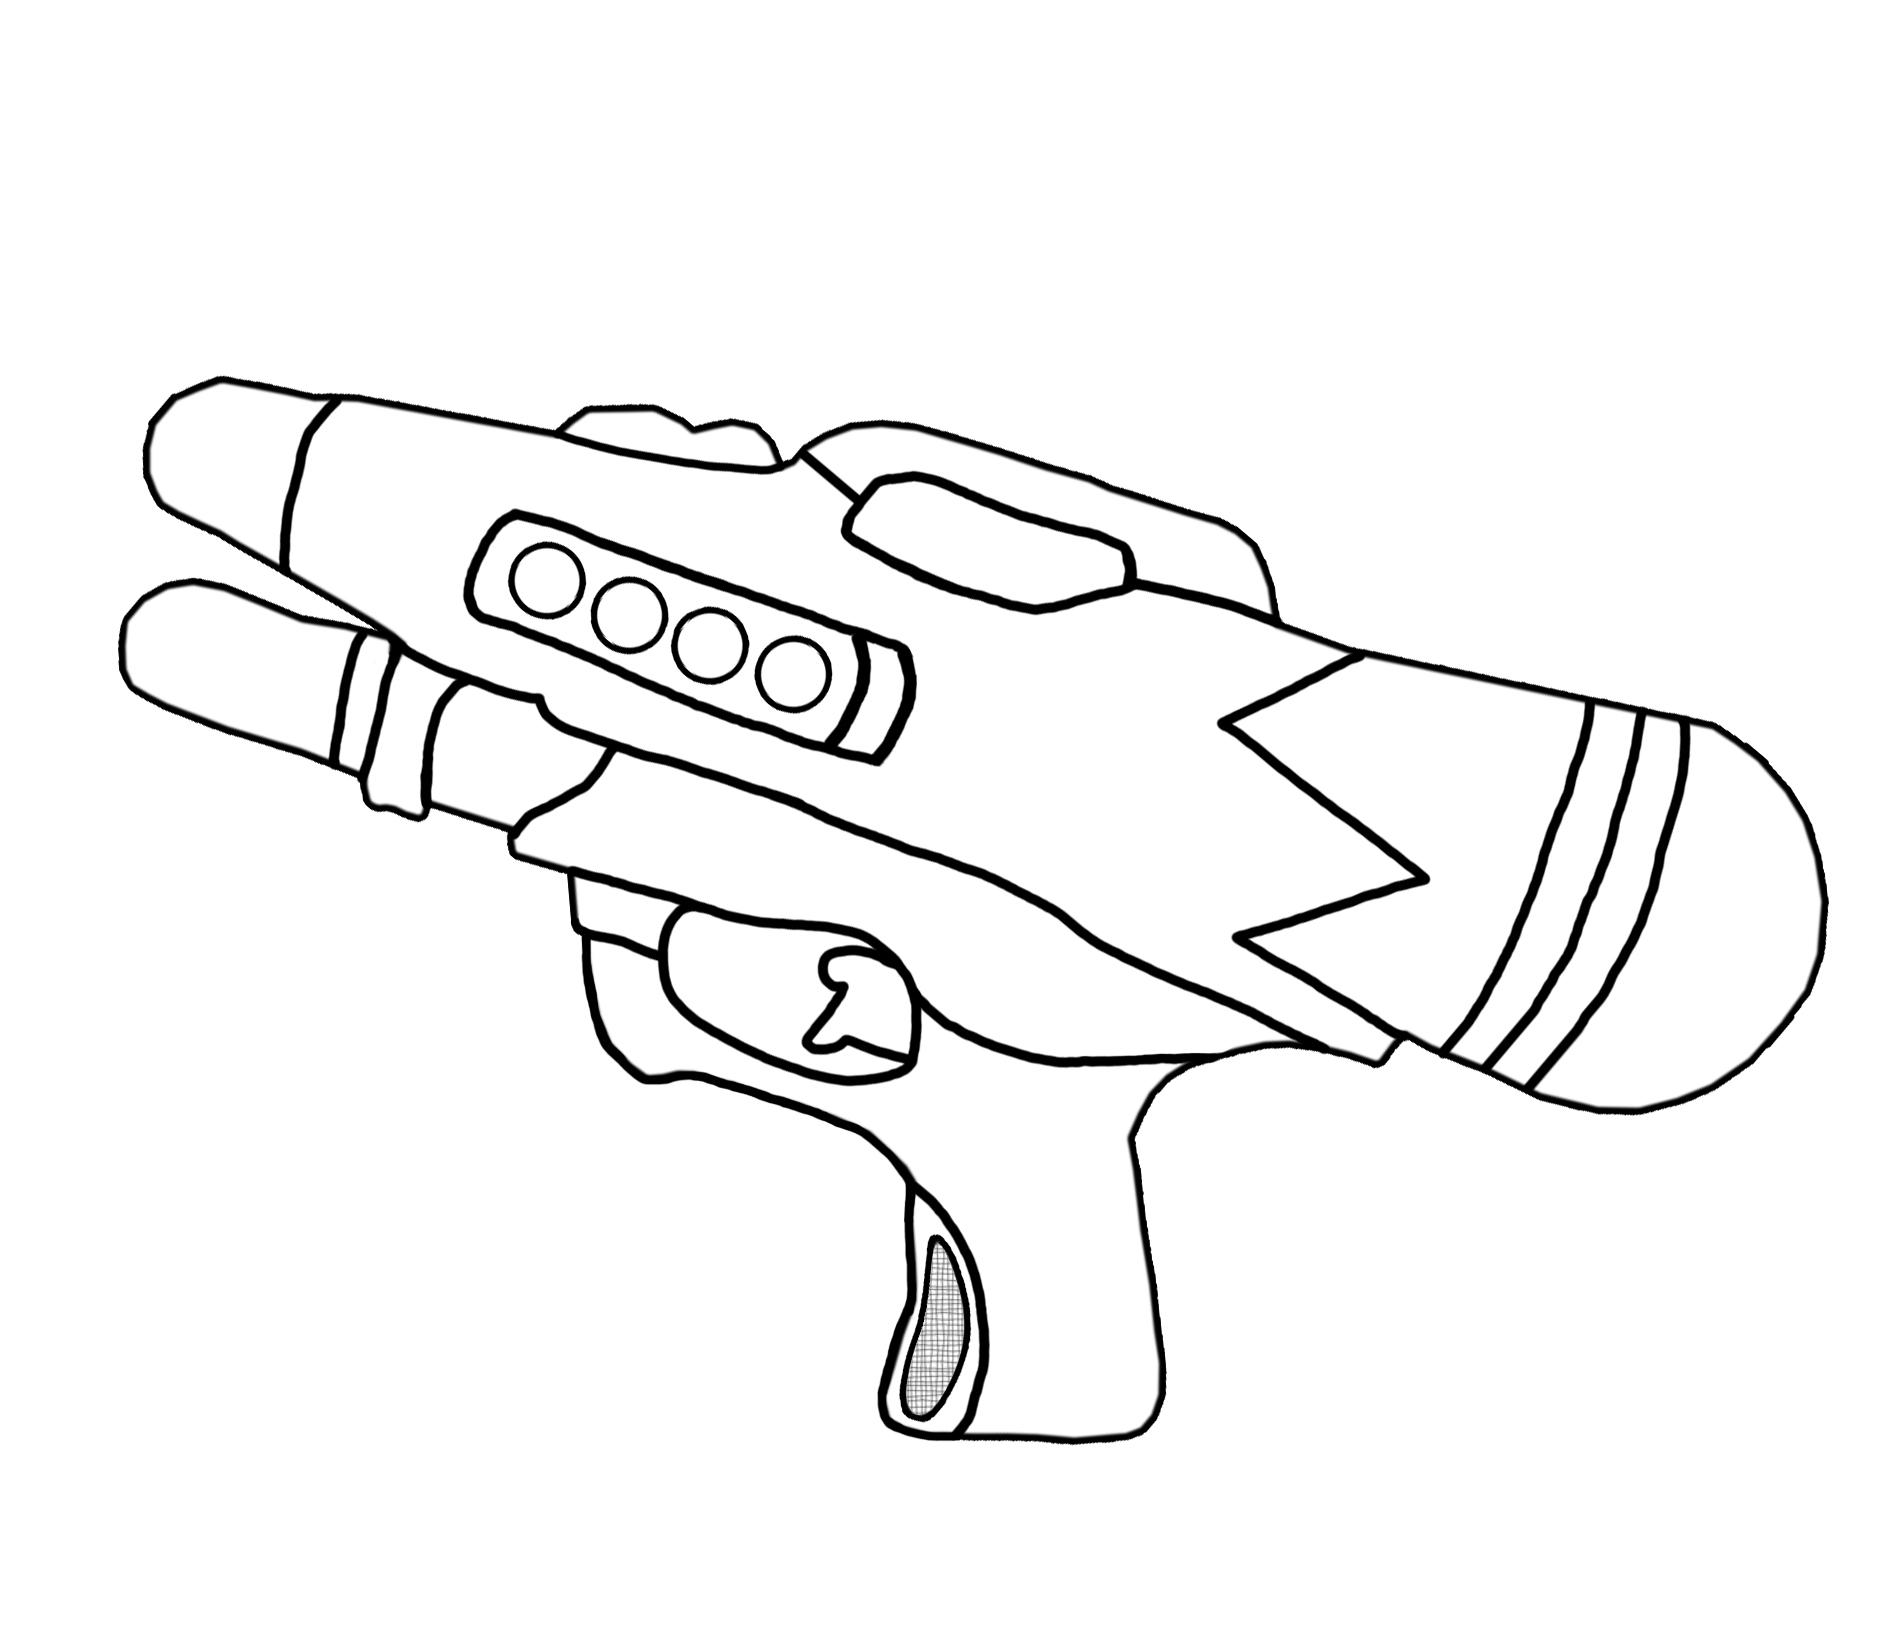 Pistol coloring #11, Download drawings